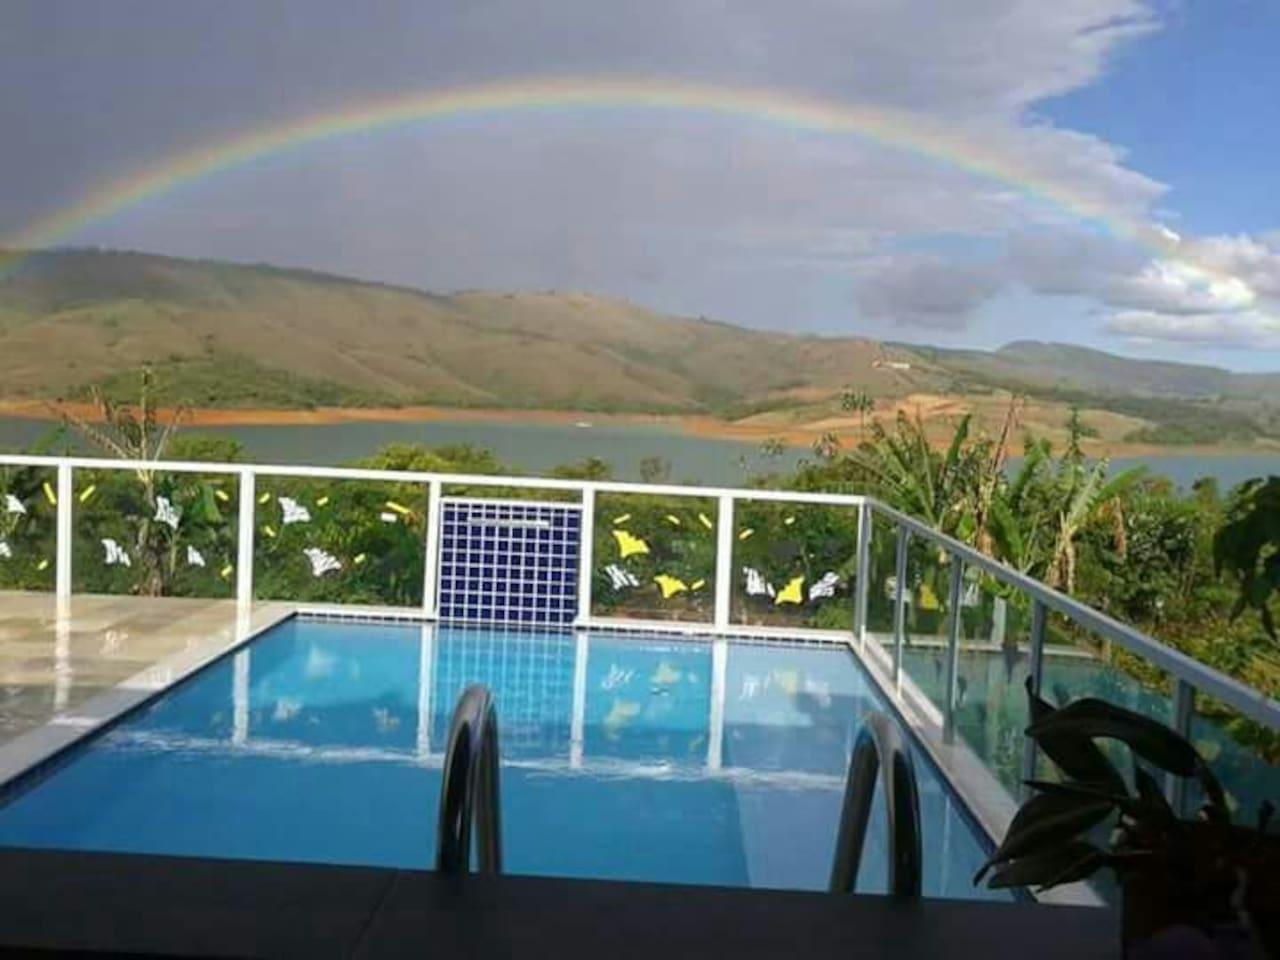 Lindo arco iris depois da chuva